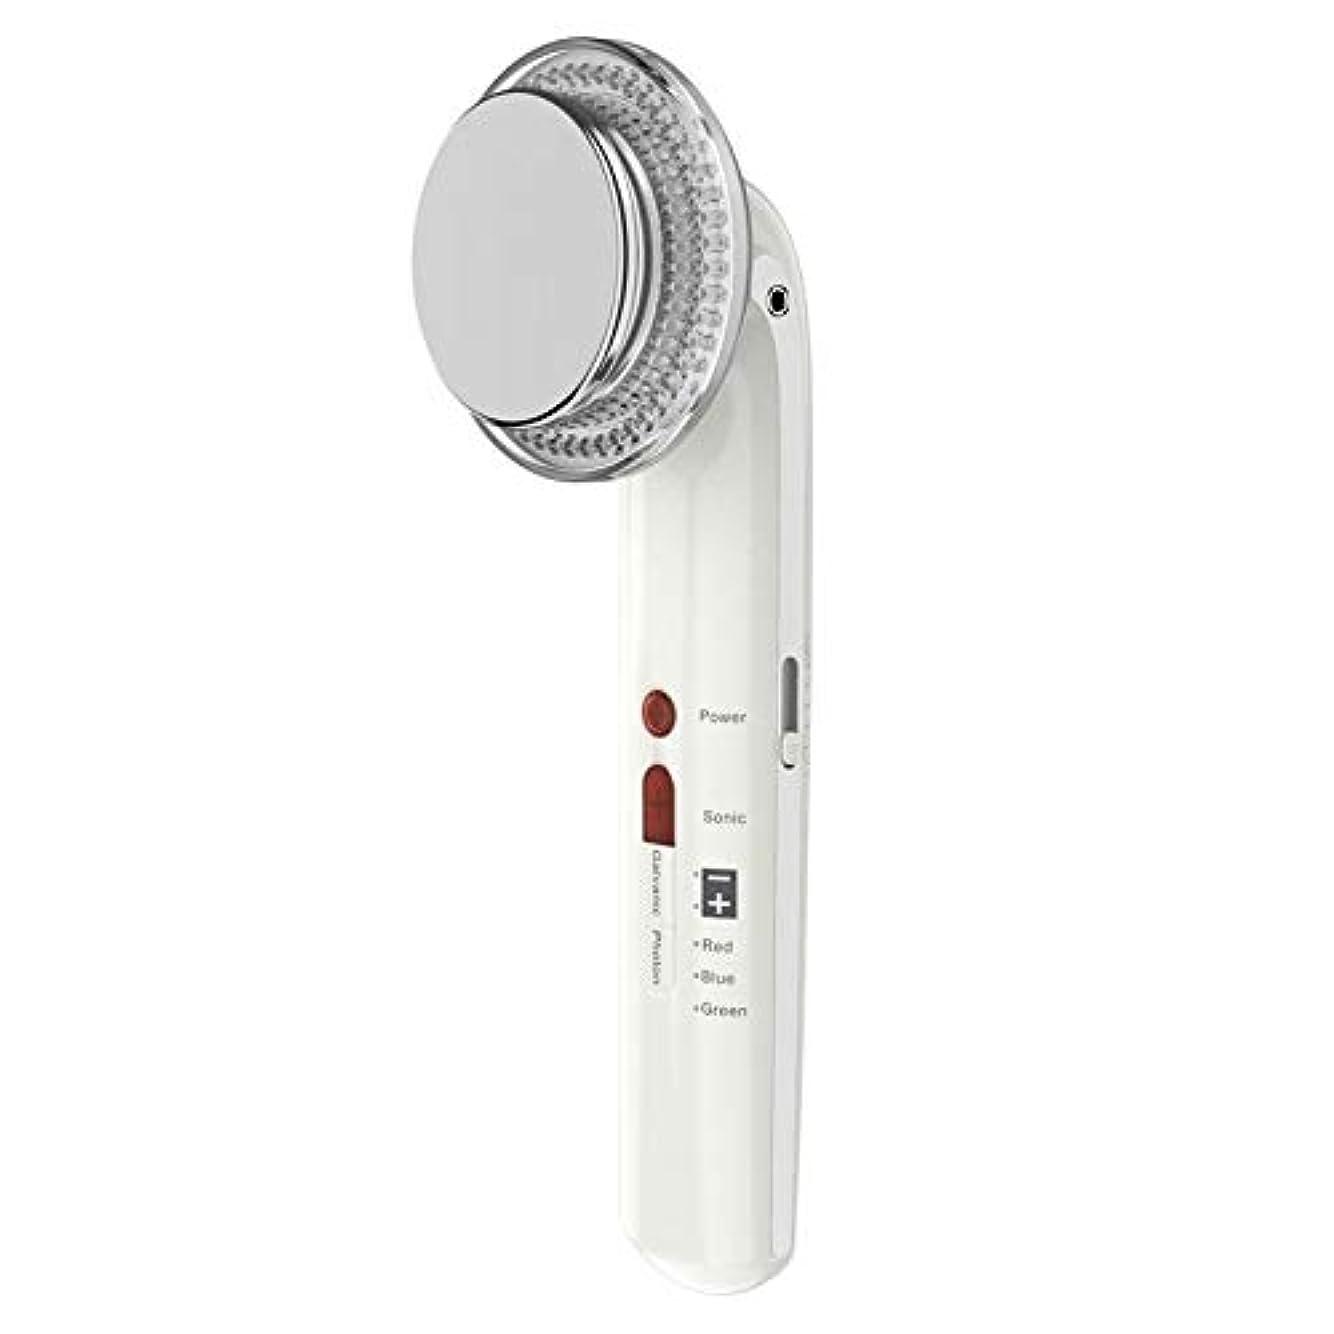 オーラルジョットディボンドン特性7で1振動美容機器ems超音波ボディフェイシャル痩身ツールled光子療法フェイスマッサージャー用ボディシェーピングフェイシャルスキンケア (Color : White)